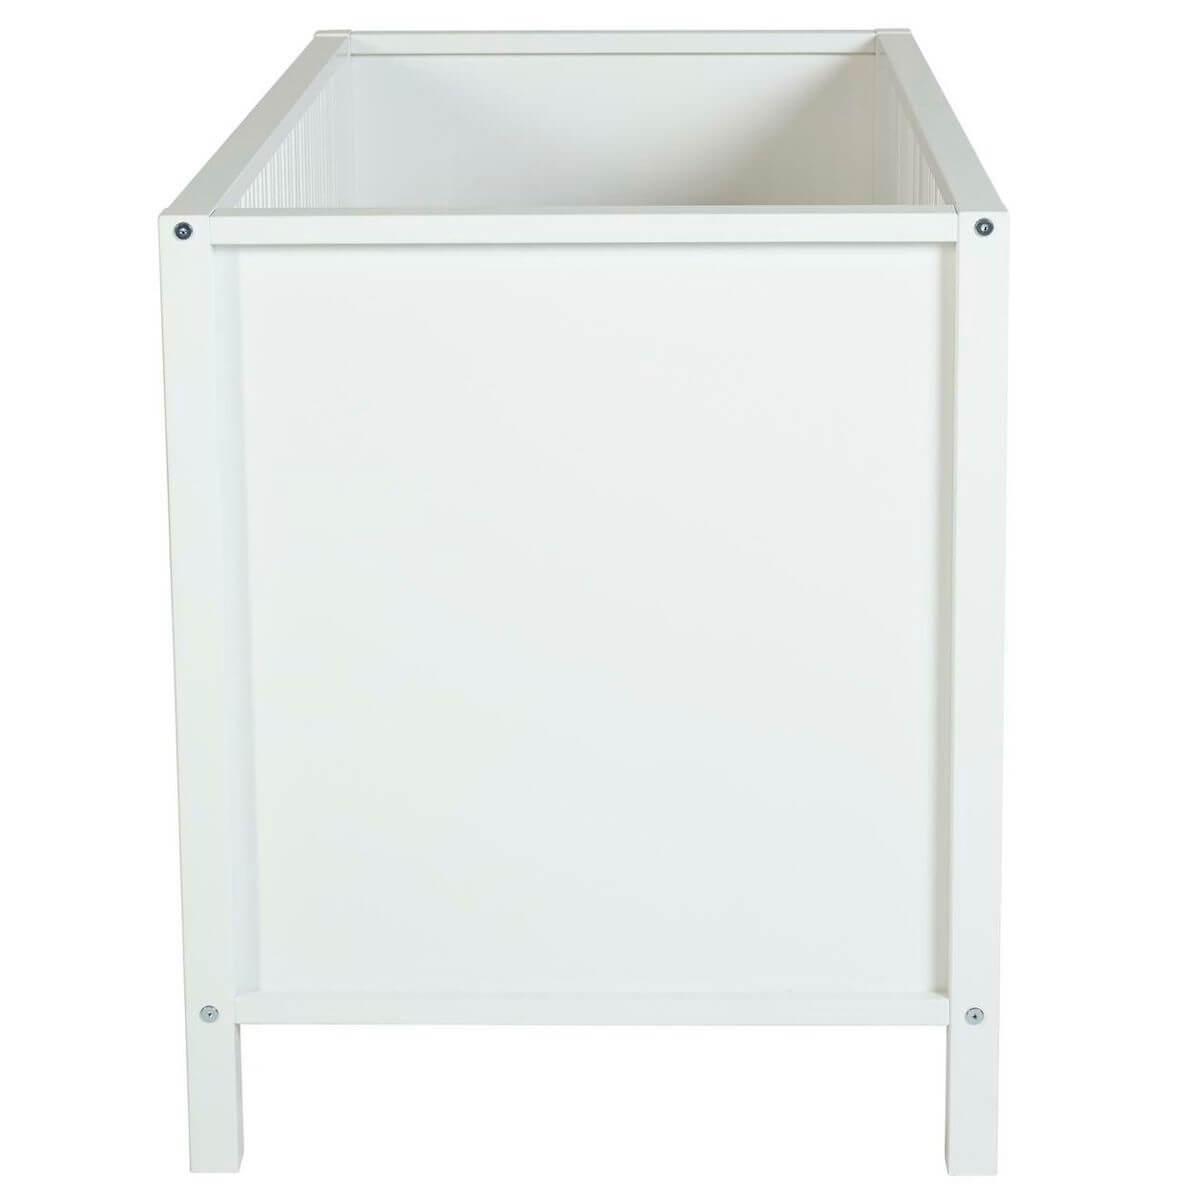 Lit 60x120cm KUMO Quax blanc